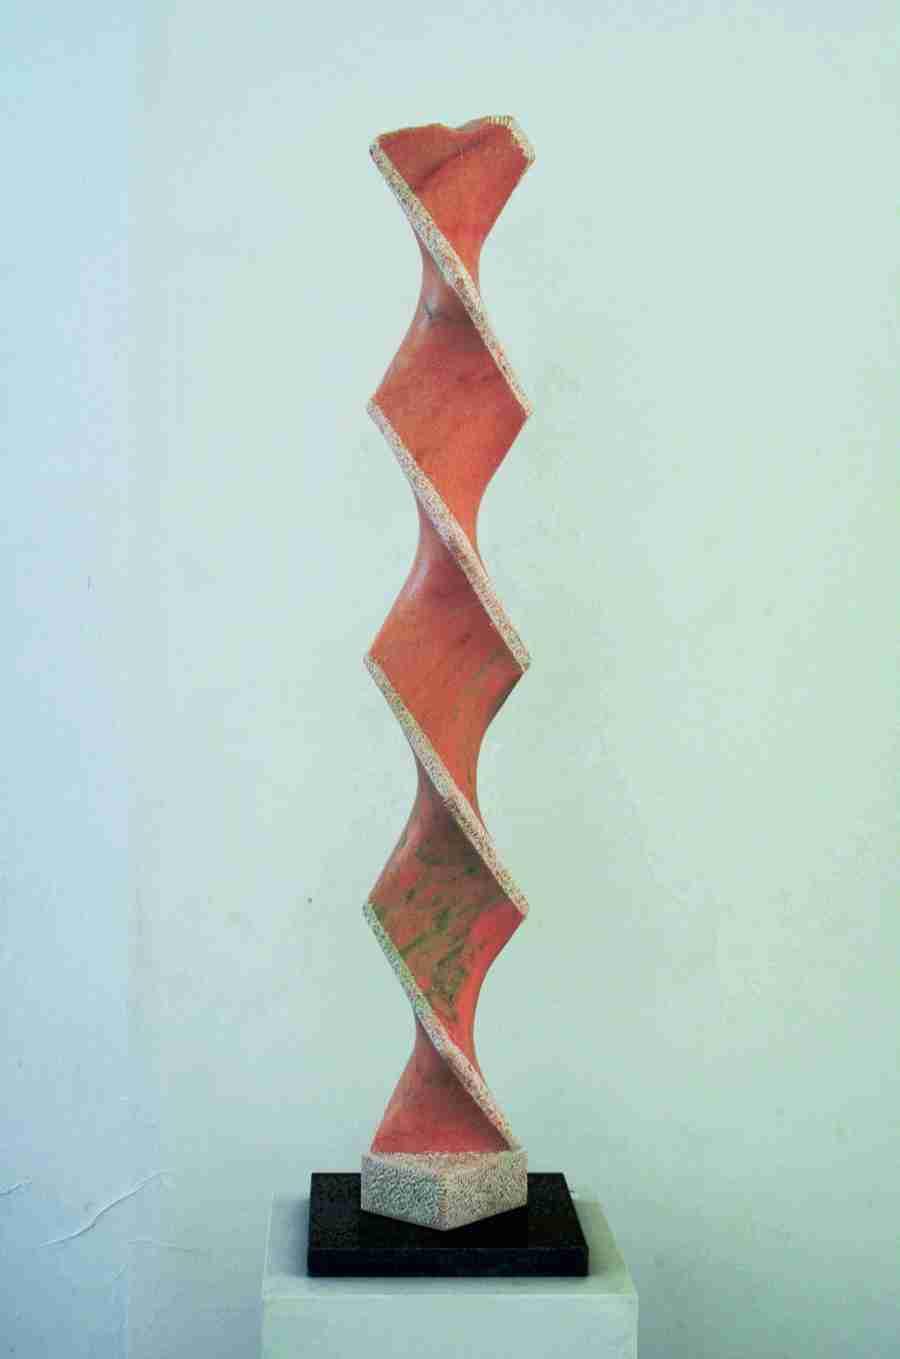 """Marmorskulptur""""Windung"""",Stele aus portugiesischem Marmor, (rosa Portogallo). Aus der Serie """"Marmorstelen"""", Bildhauer Jens Hogh-Binder, 2011- 2016"""